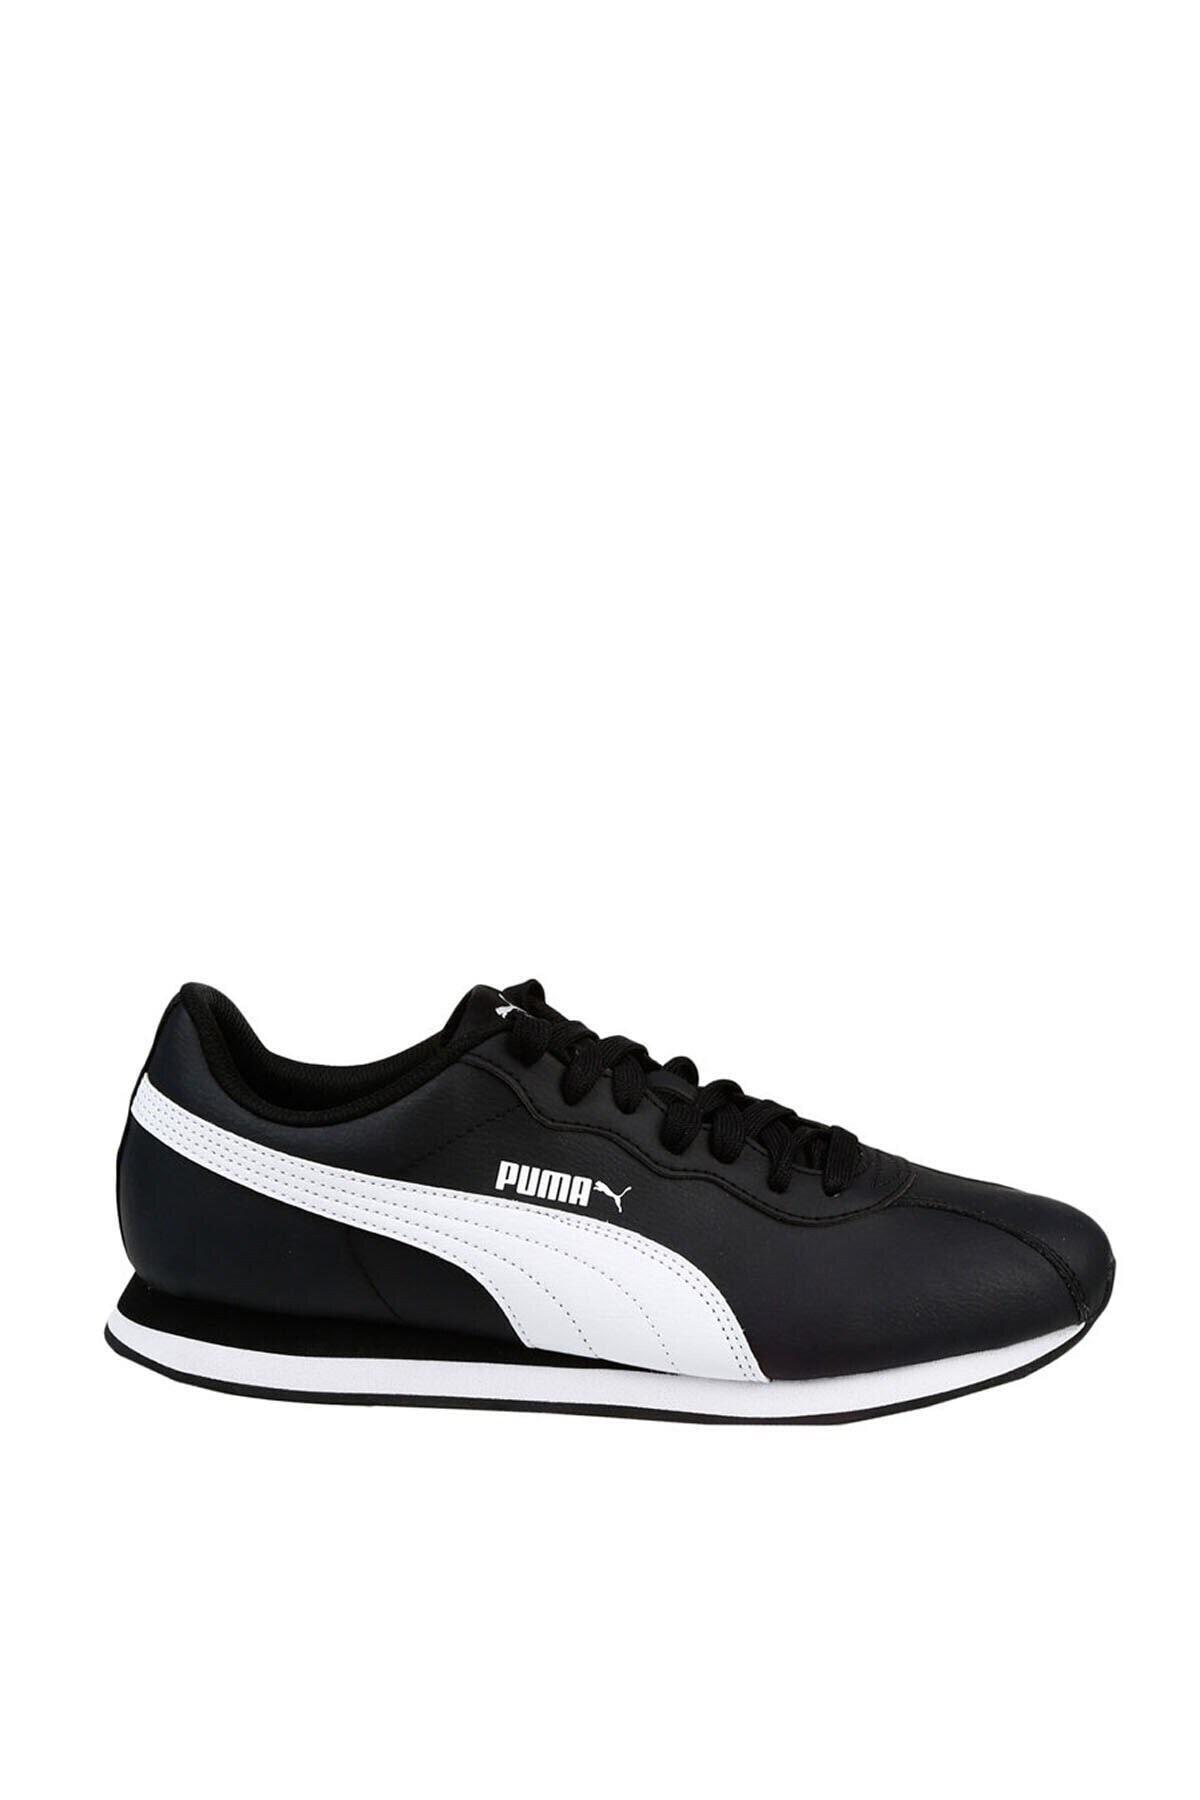 Puma Puma Turin Ii Siyah Beyaz Erkek Sneaker Ayakkabı 100352191 1